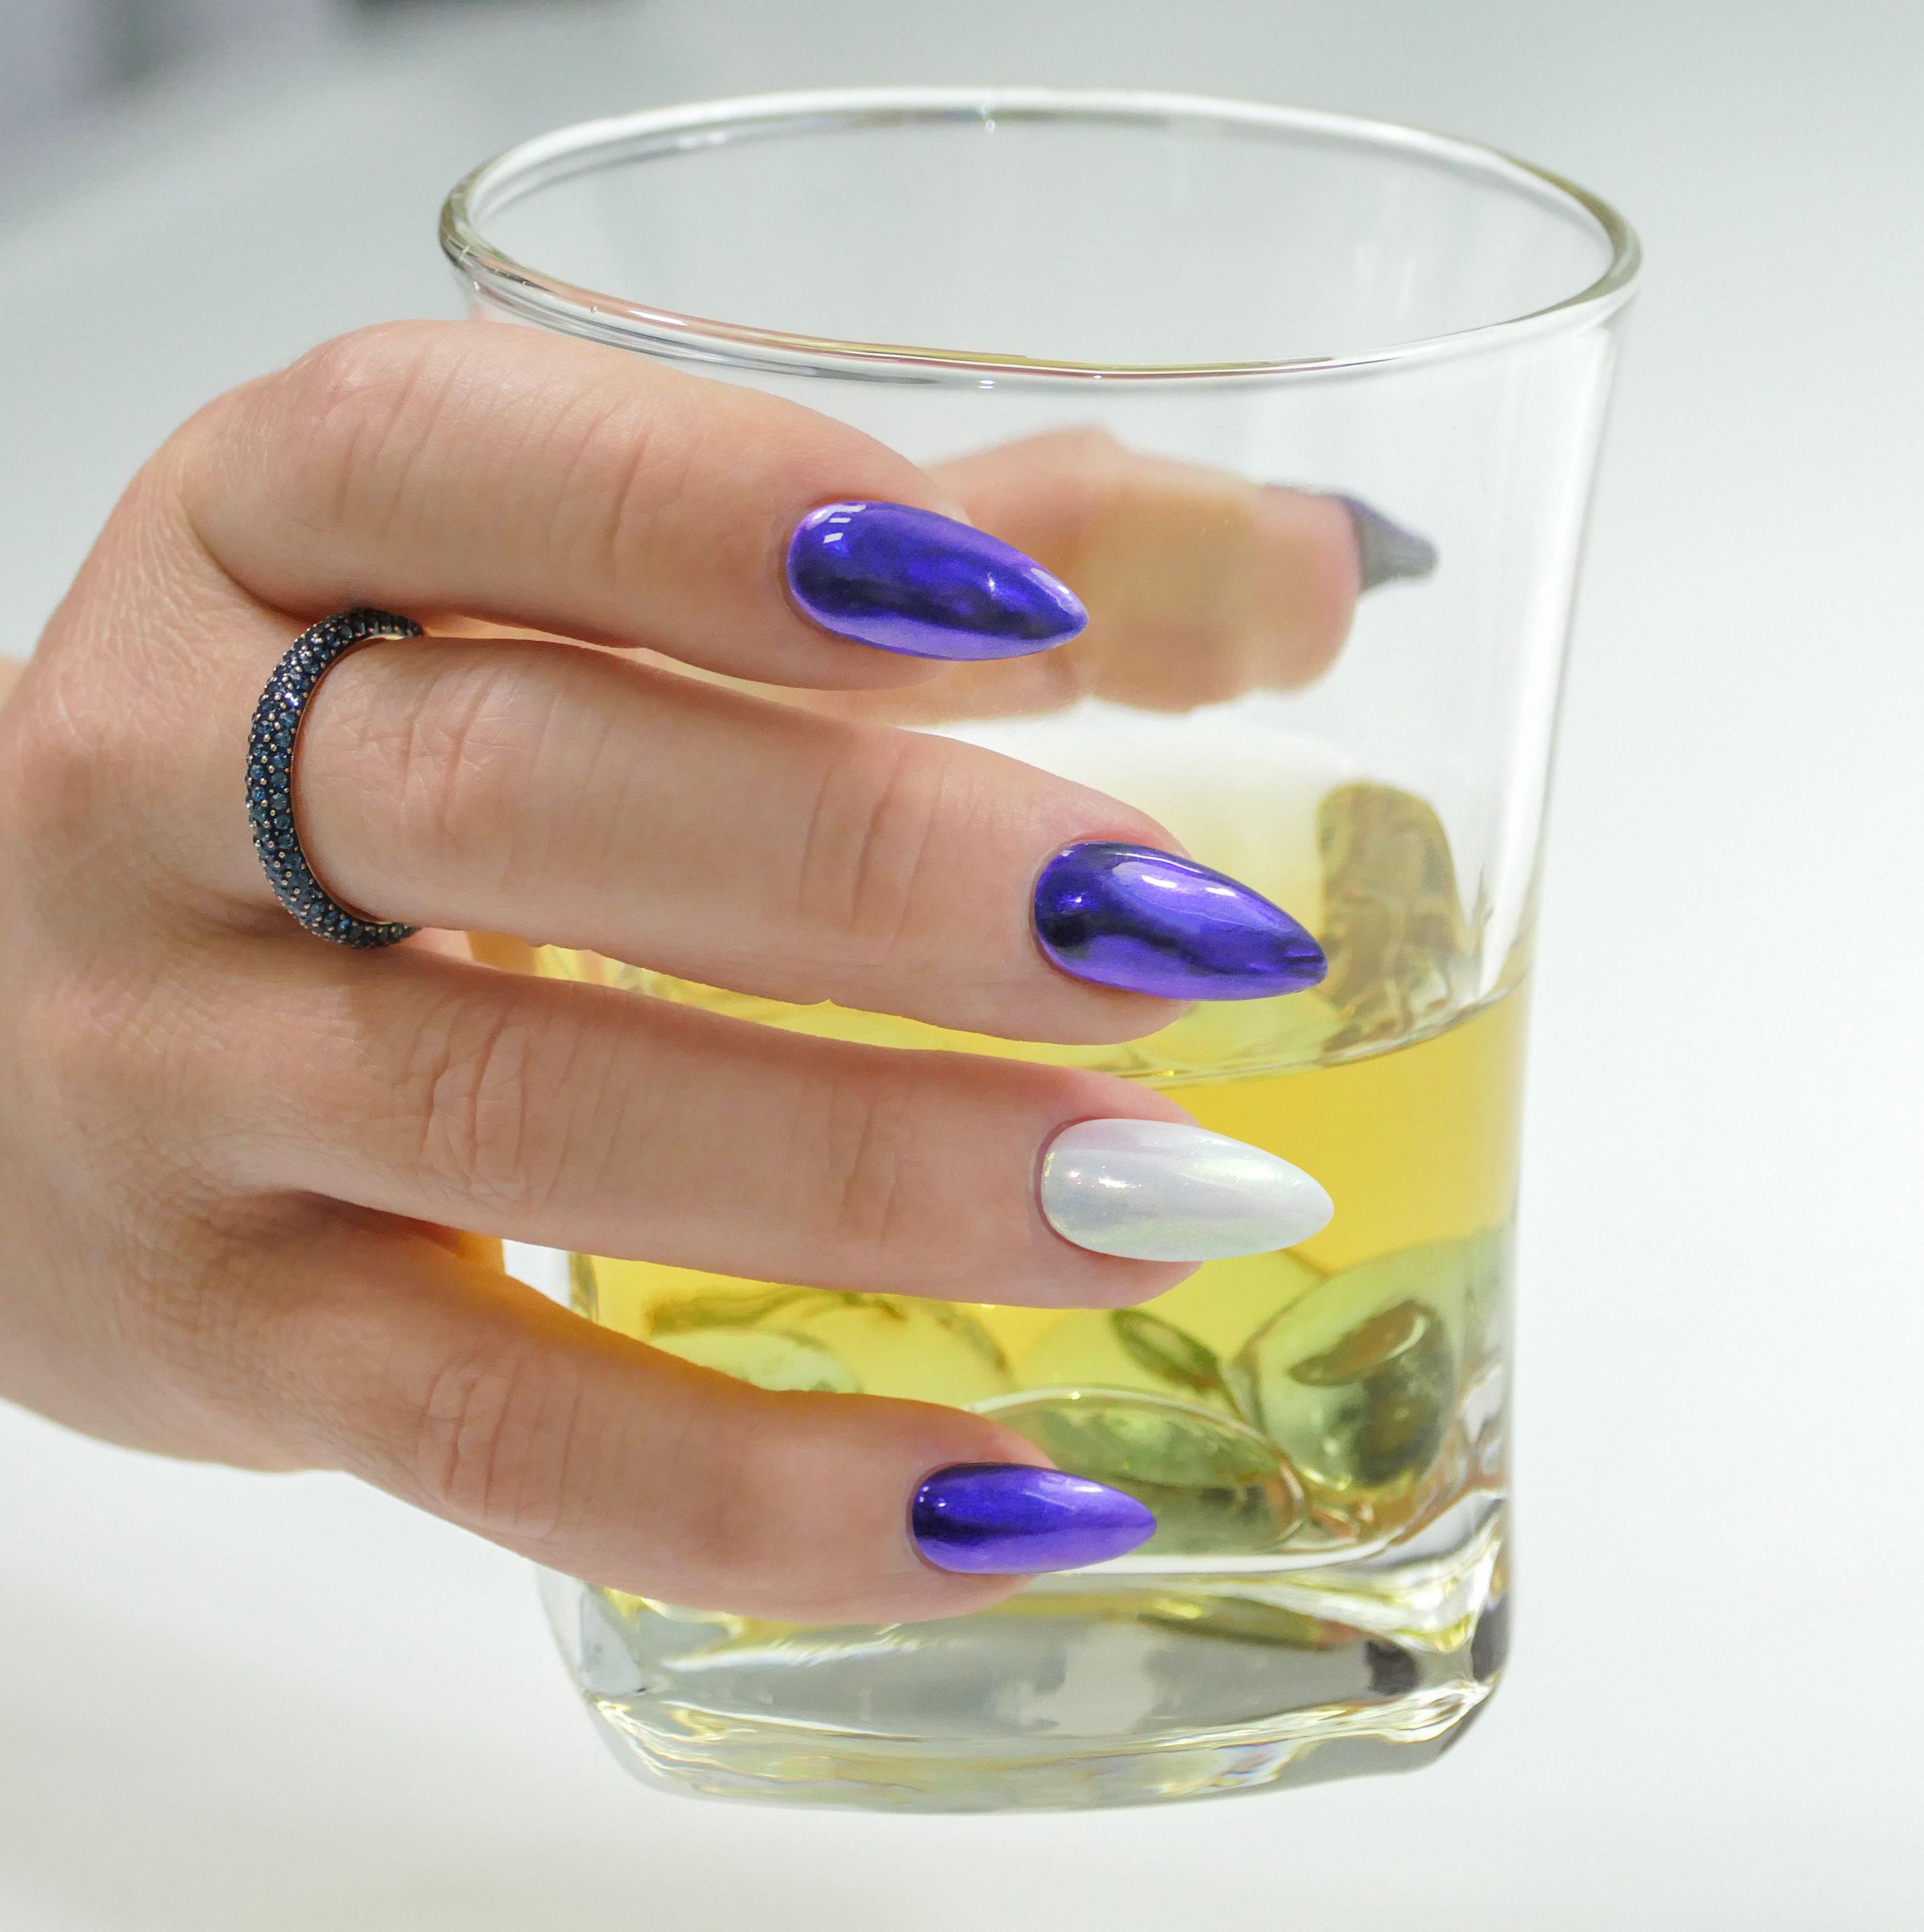 I Takto Mohou Vypadat Vase Nehty Kdyz Zvolite Produkty Naninails Manicure Nails Nailart Naildesigns Blueandwhite Nail Art Nehet Nehty